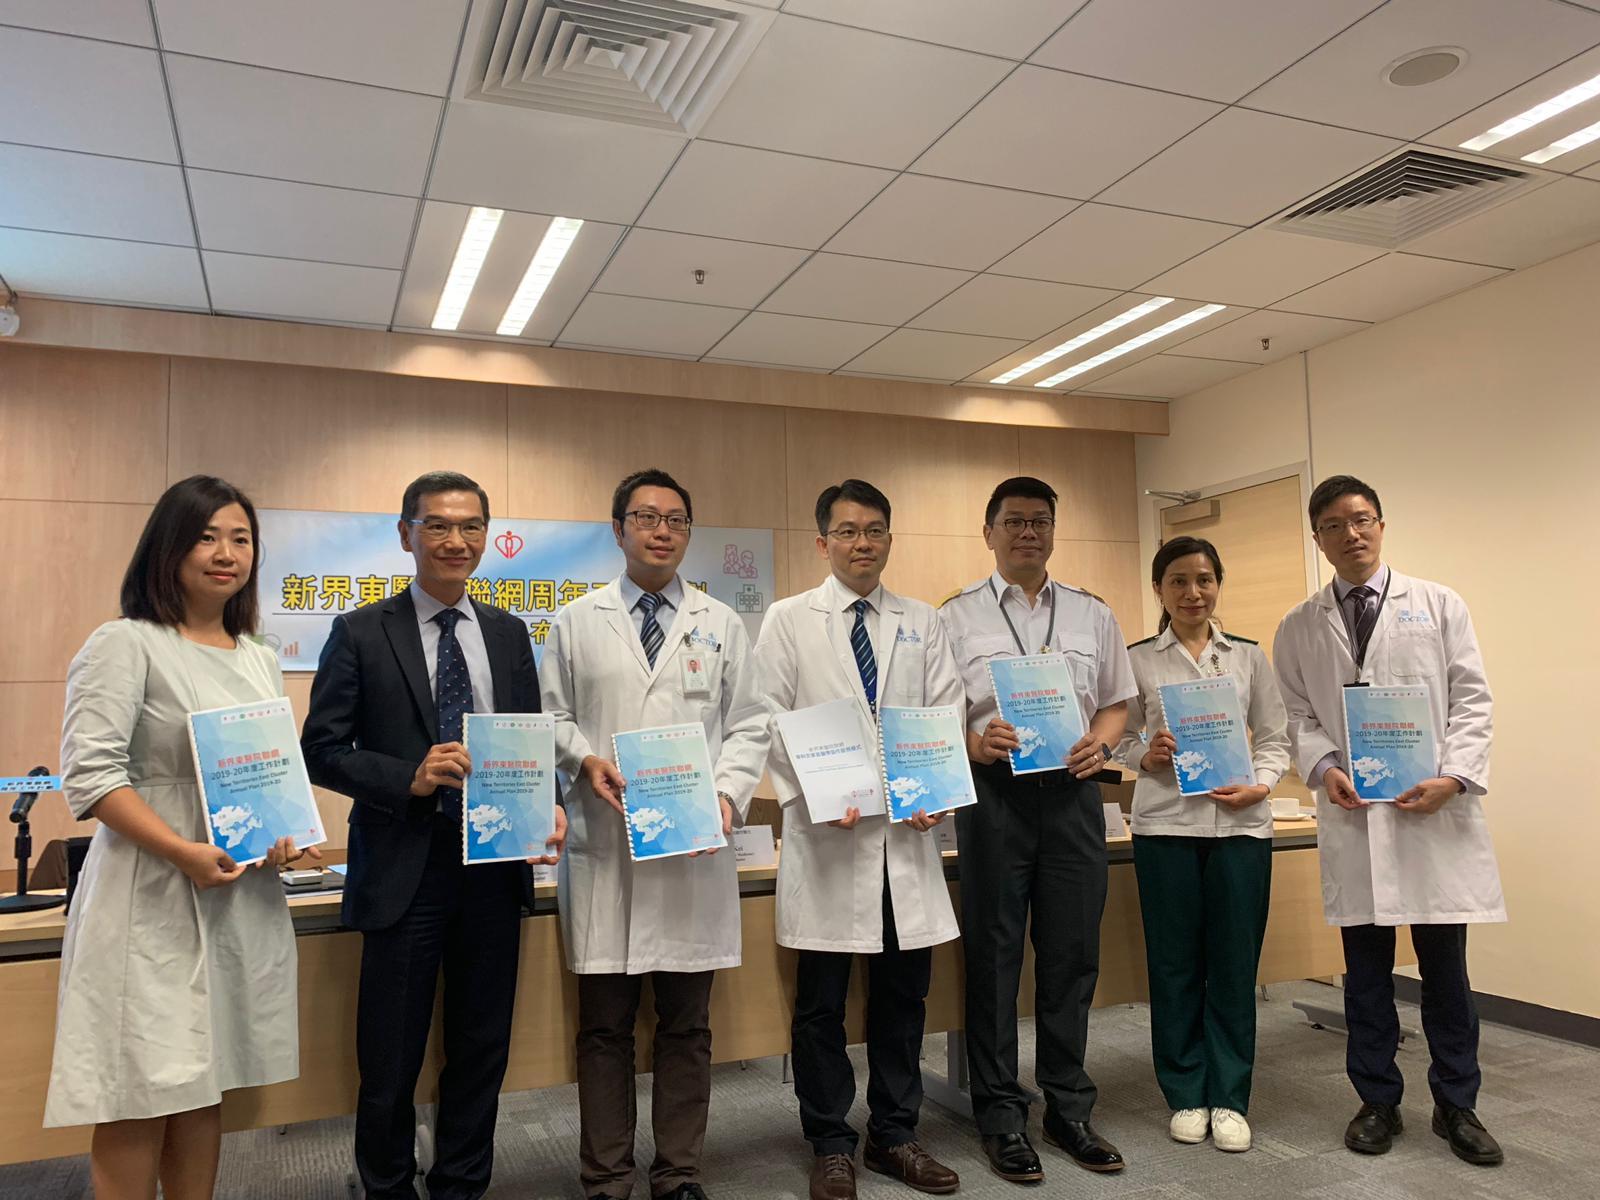 医管局新界东联网增聘431人 威院先导计划见成效骨科轮新症候缩短1年